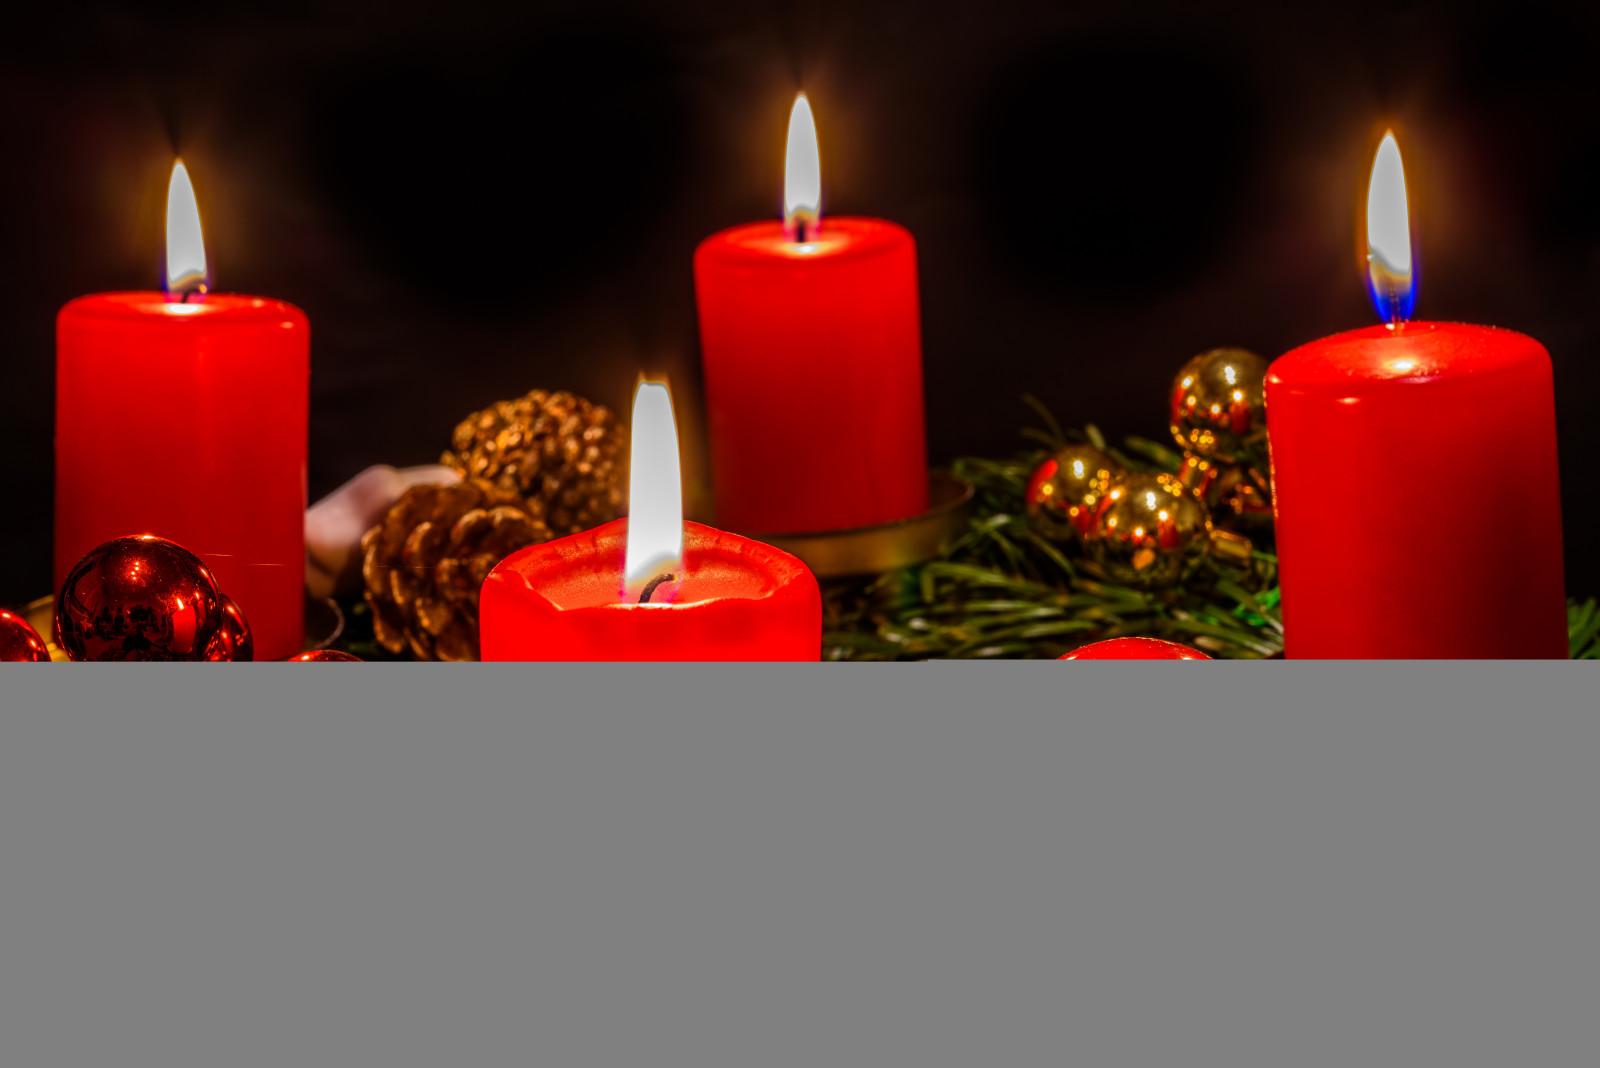 hintergrundbilder rot kerzen nikon weihnachten. Black Bedroom Furniture Sets. Home Design Ideas